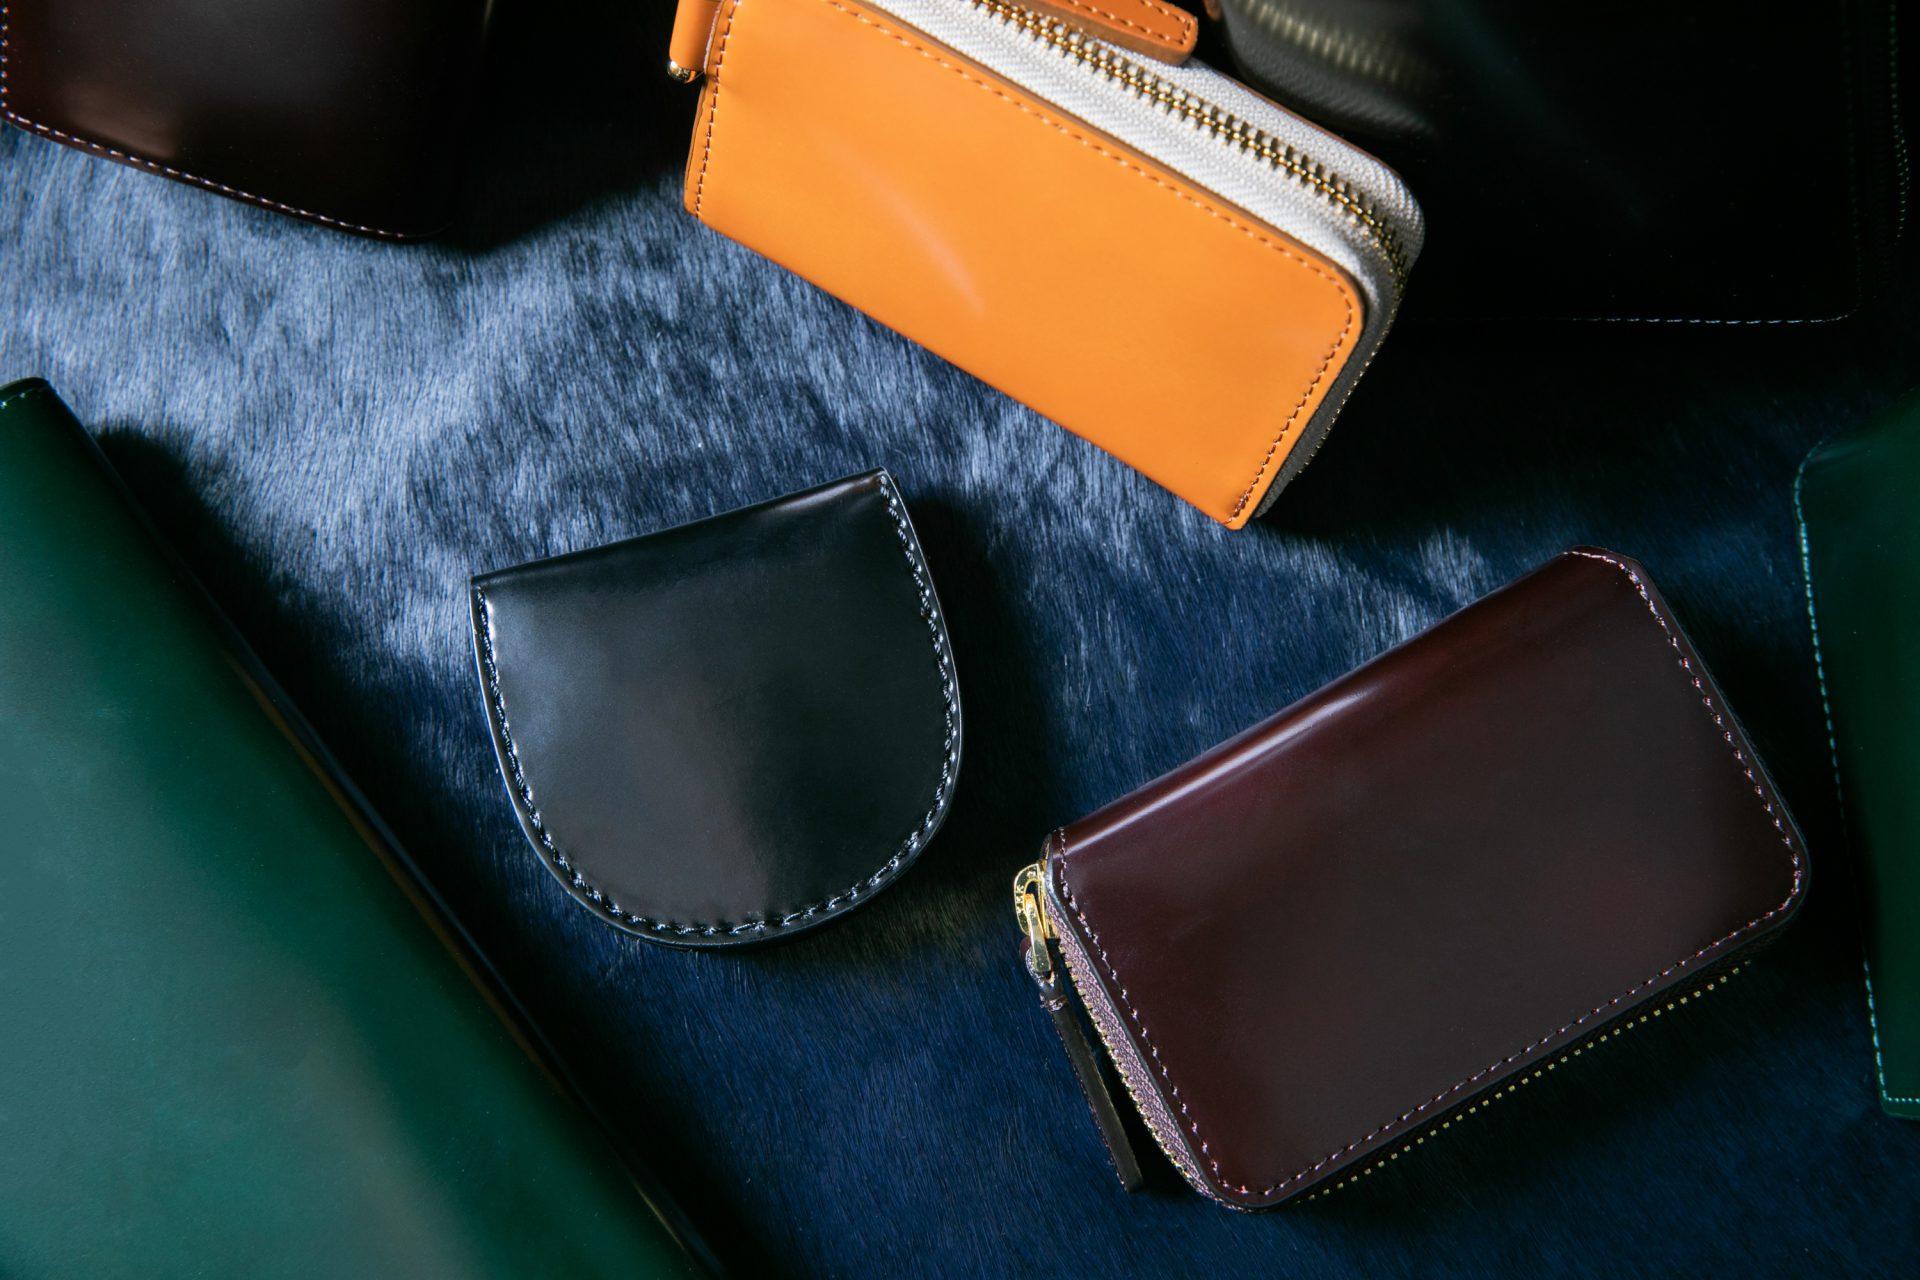 馬革の財布の特徴とは?風水的なポイントも交えて解説します!